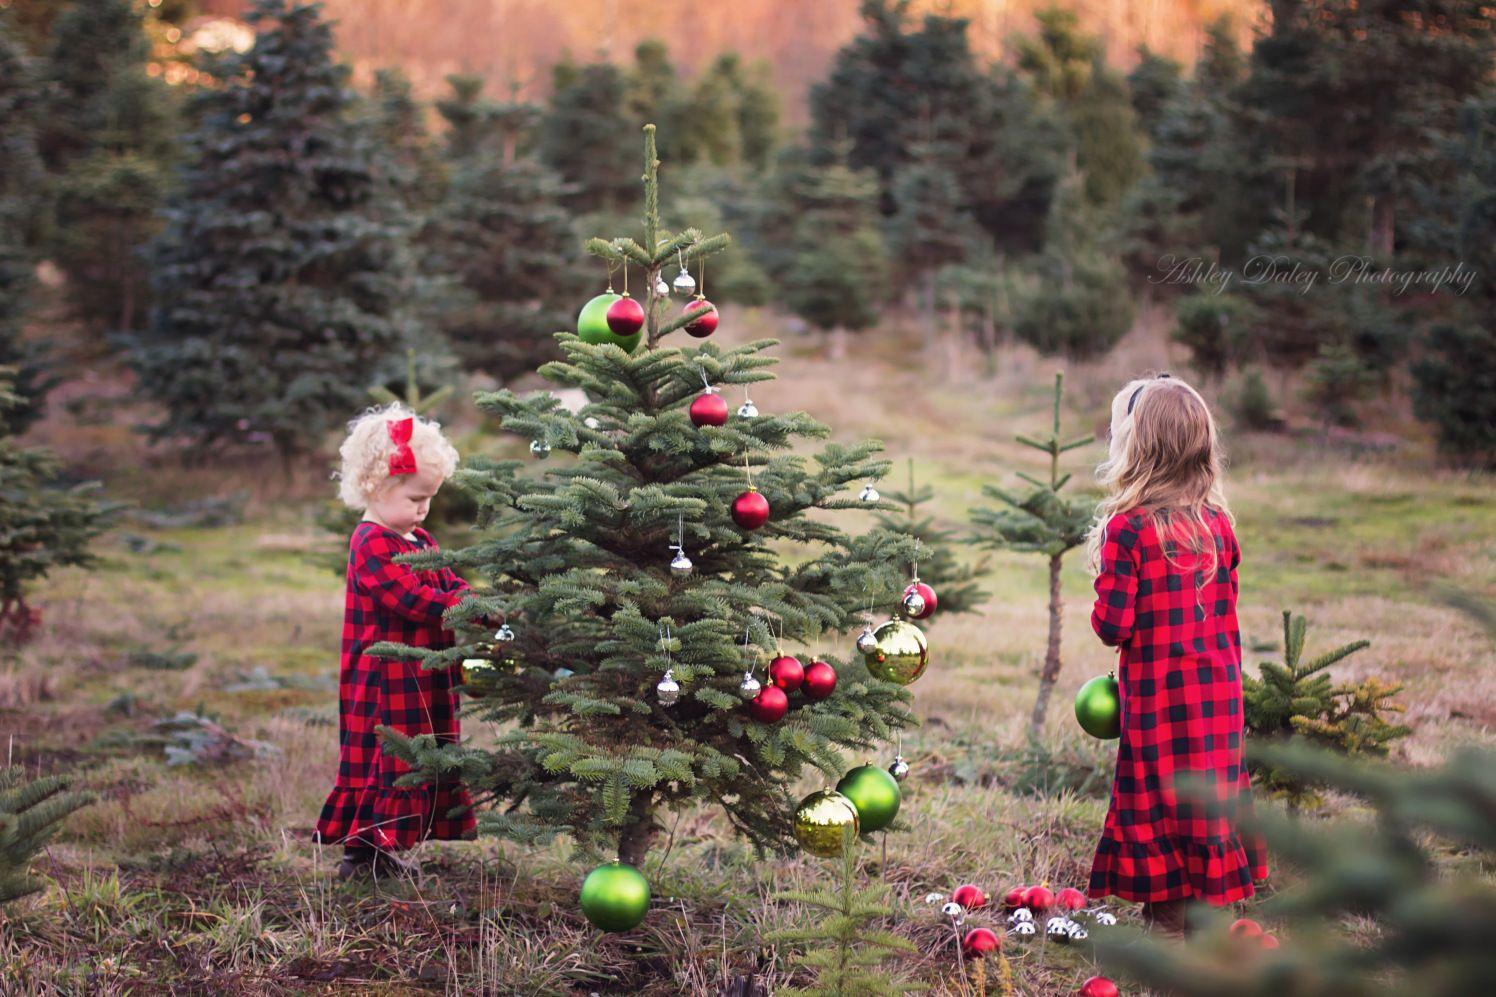 Tis The Season Outdoor Christmas Photos Christmas Tree Farm Photos Christmas Tree Photoshoot